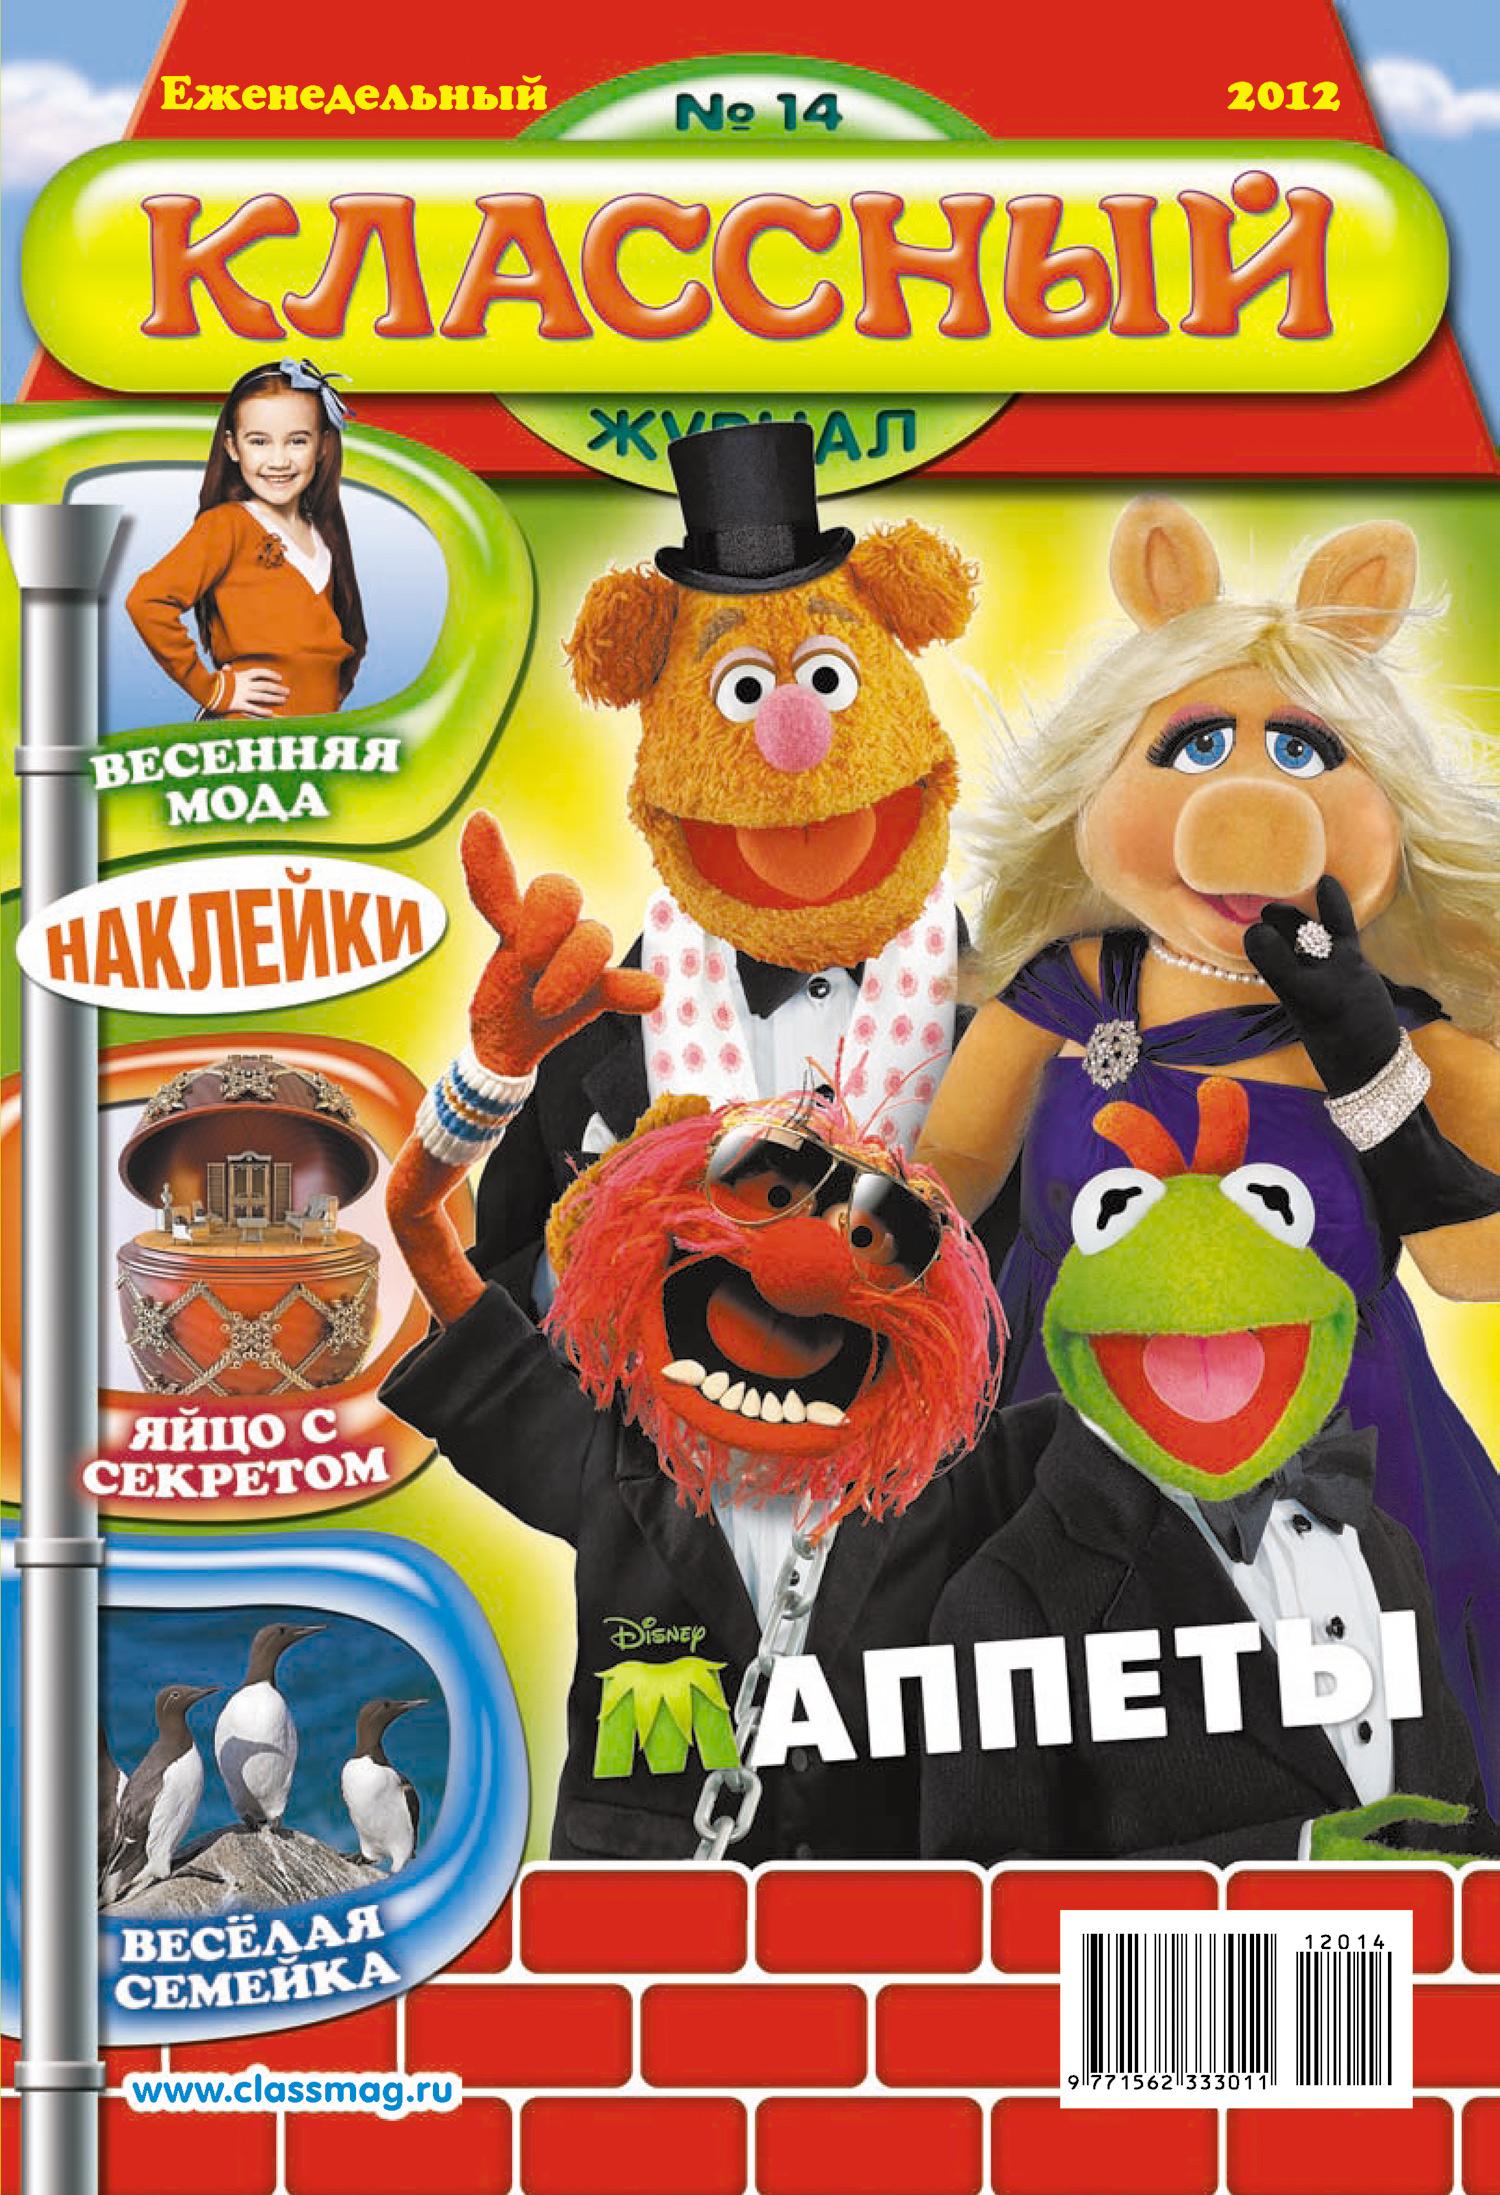 Фото - Открытые системы Классный журнал №14/2012 открытые системы классный журнал 14 2012